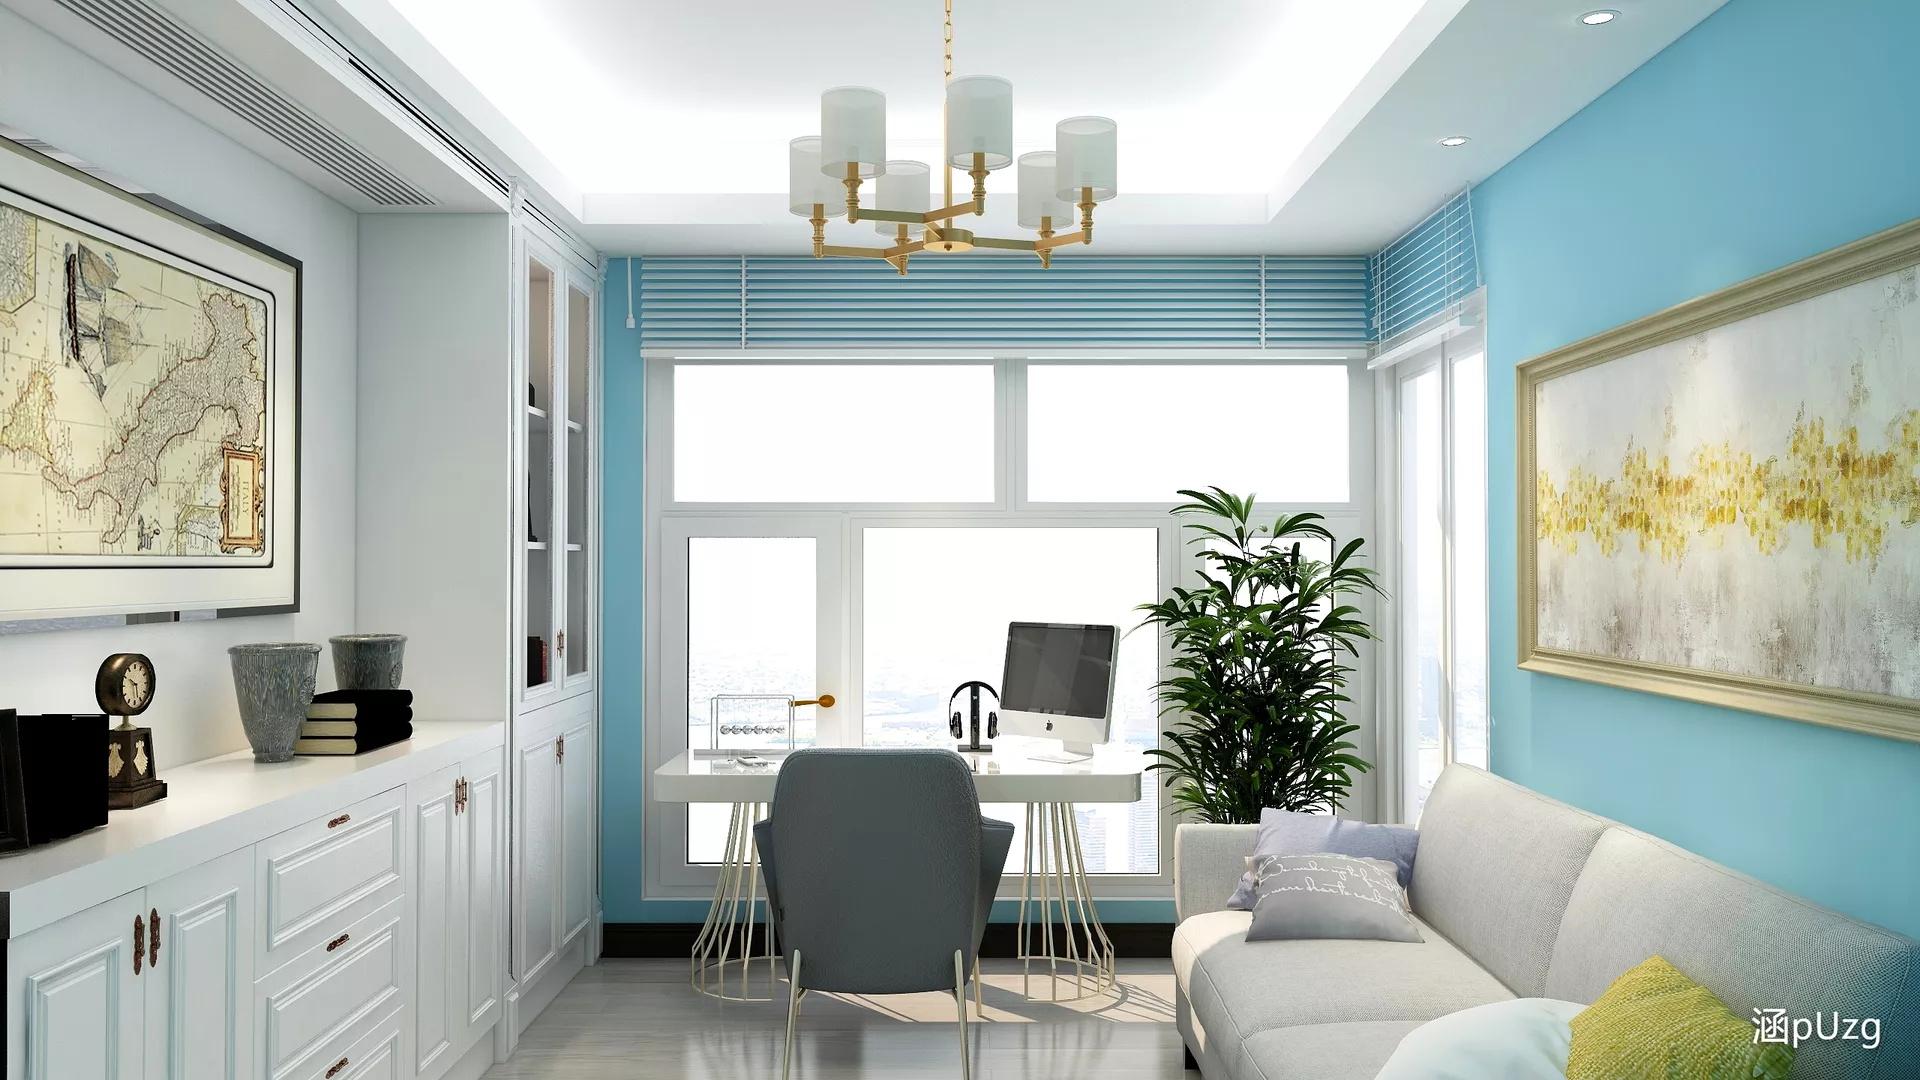 客厅角落放什么好 客厅角落设计方法有哪些